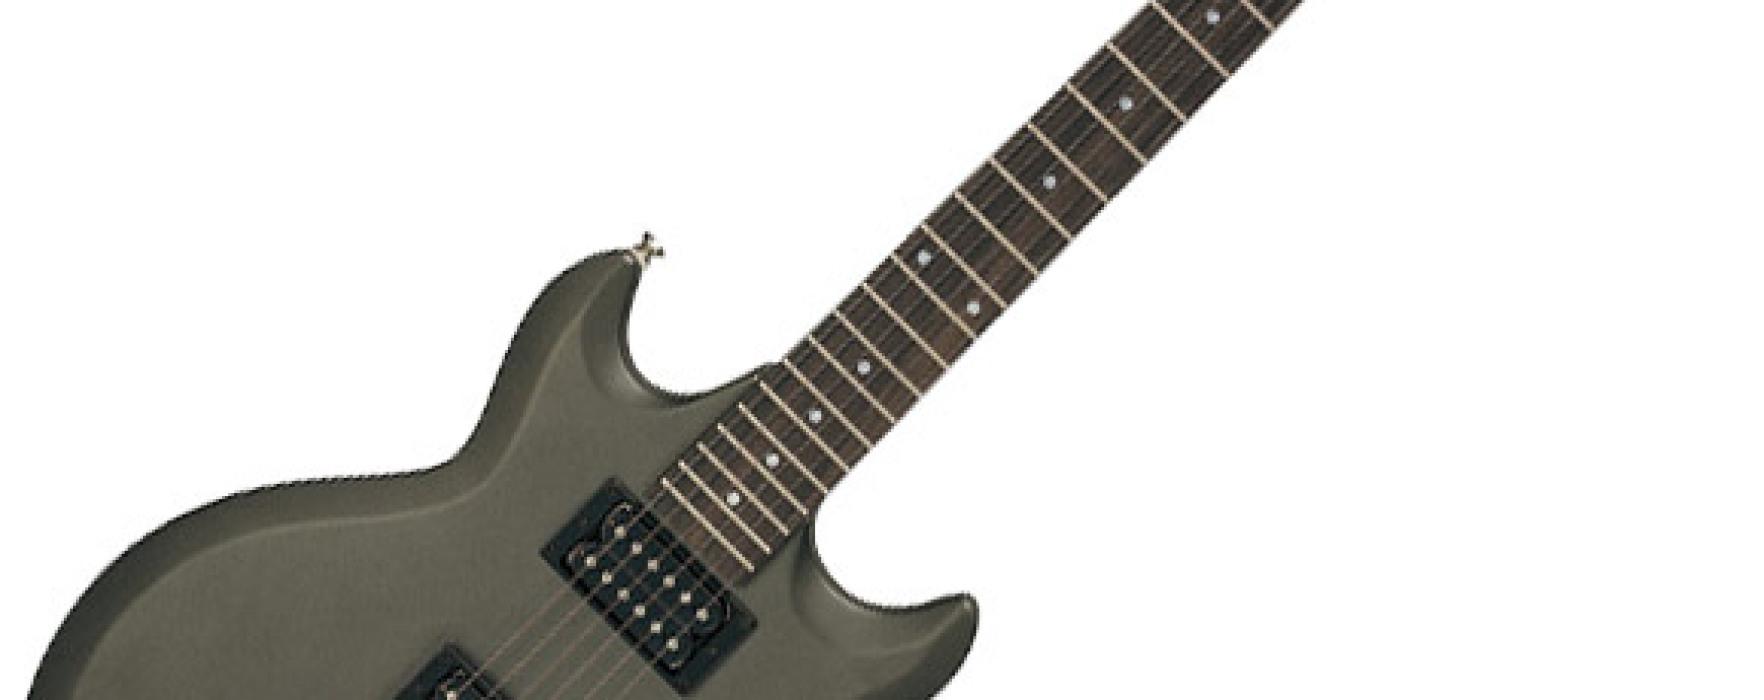 Ibanez GAX30 BKN Double Cutaway Guitar